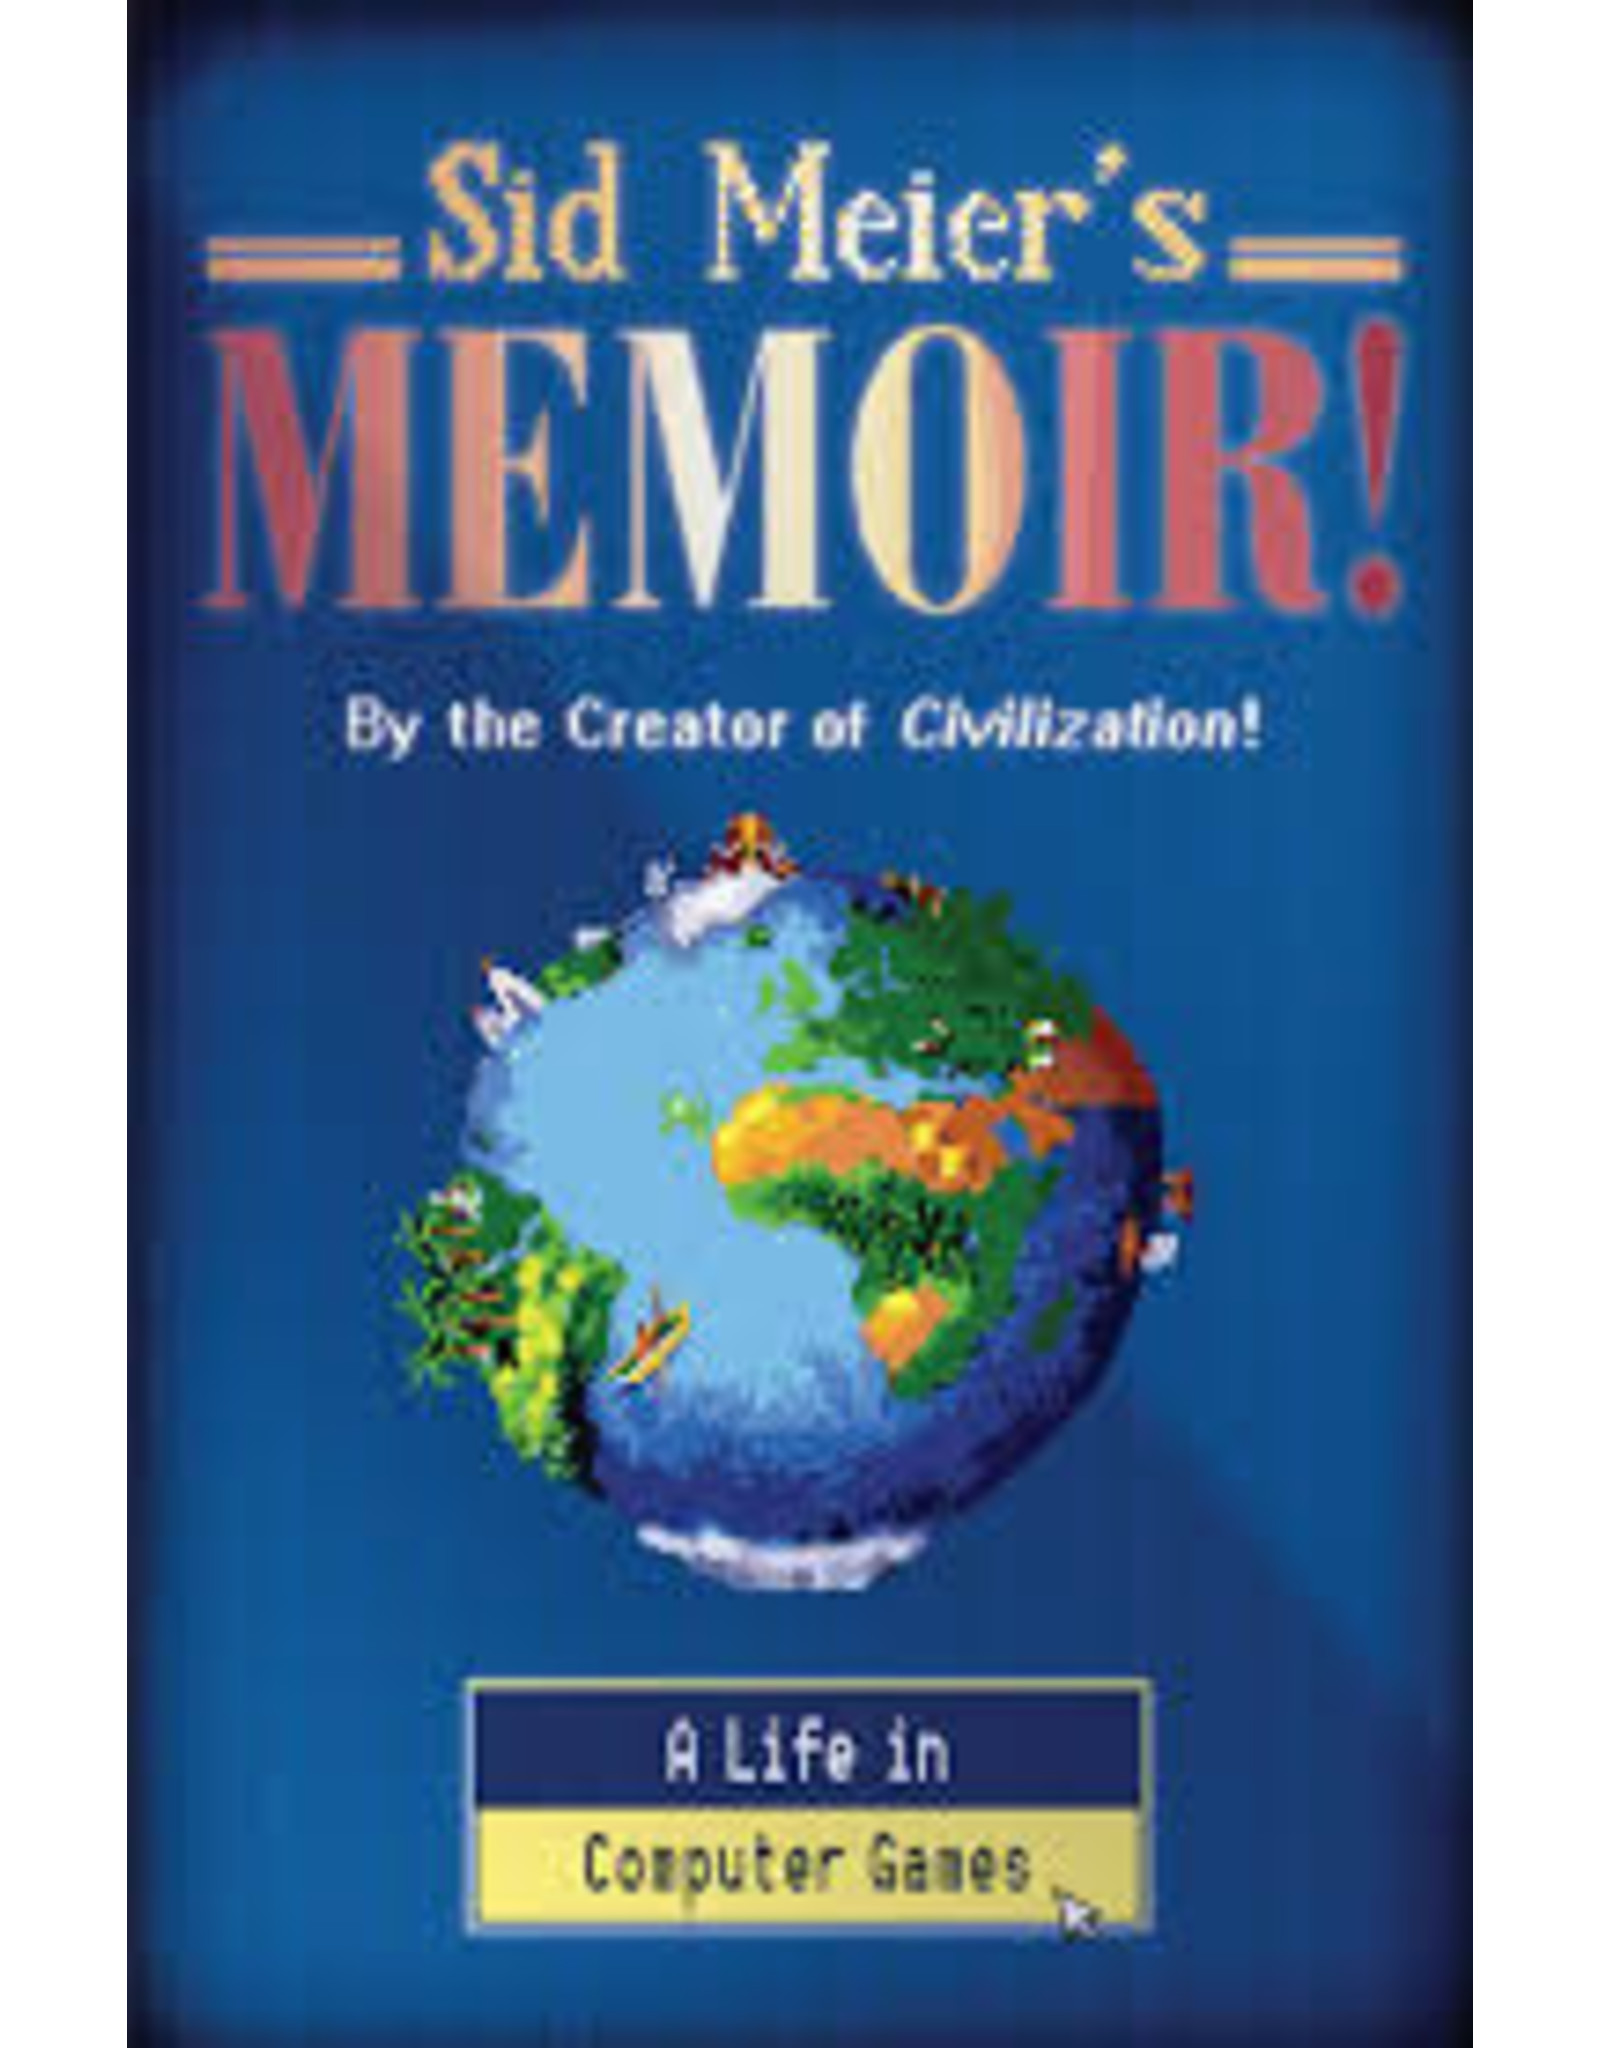 Books Sid Meier's Memoir! A Life in Computer Games